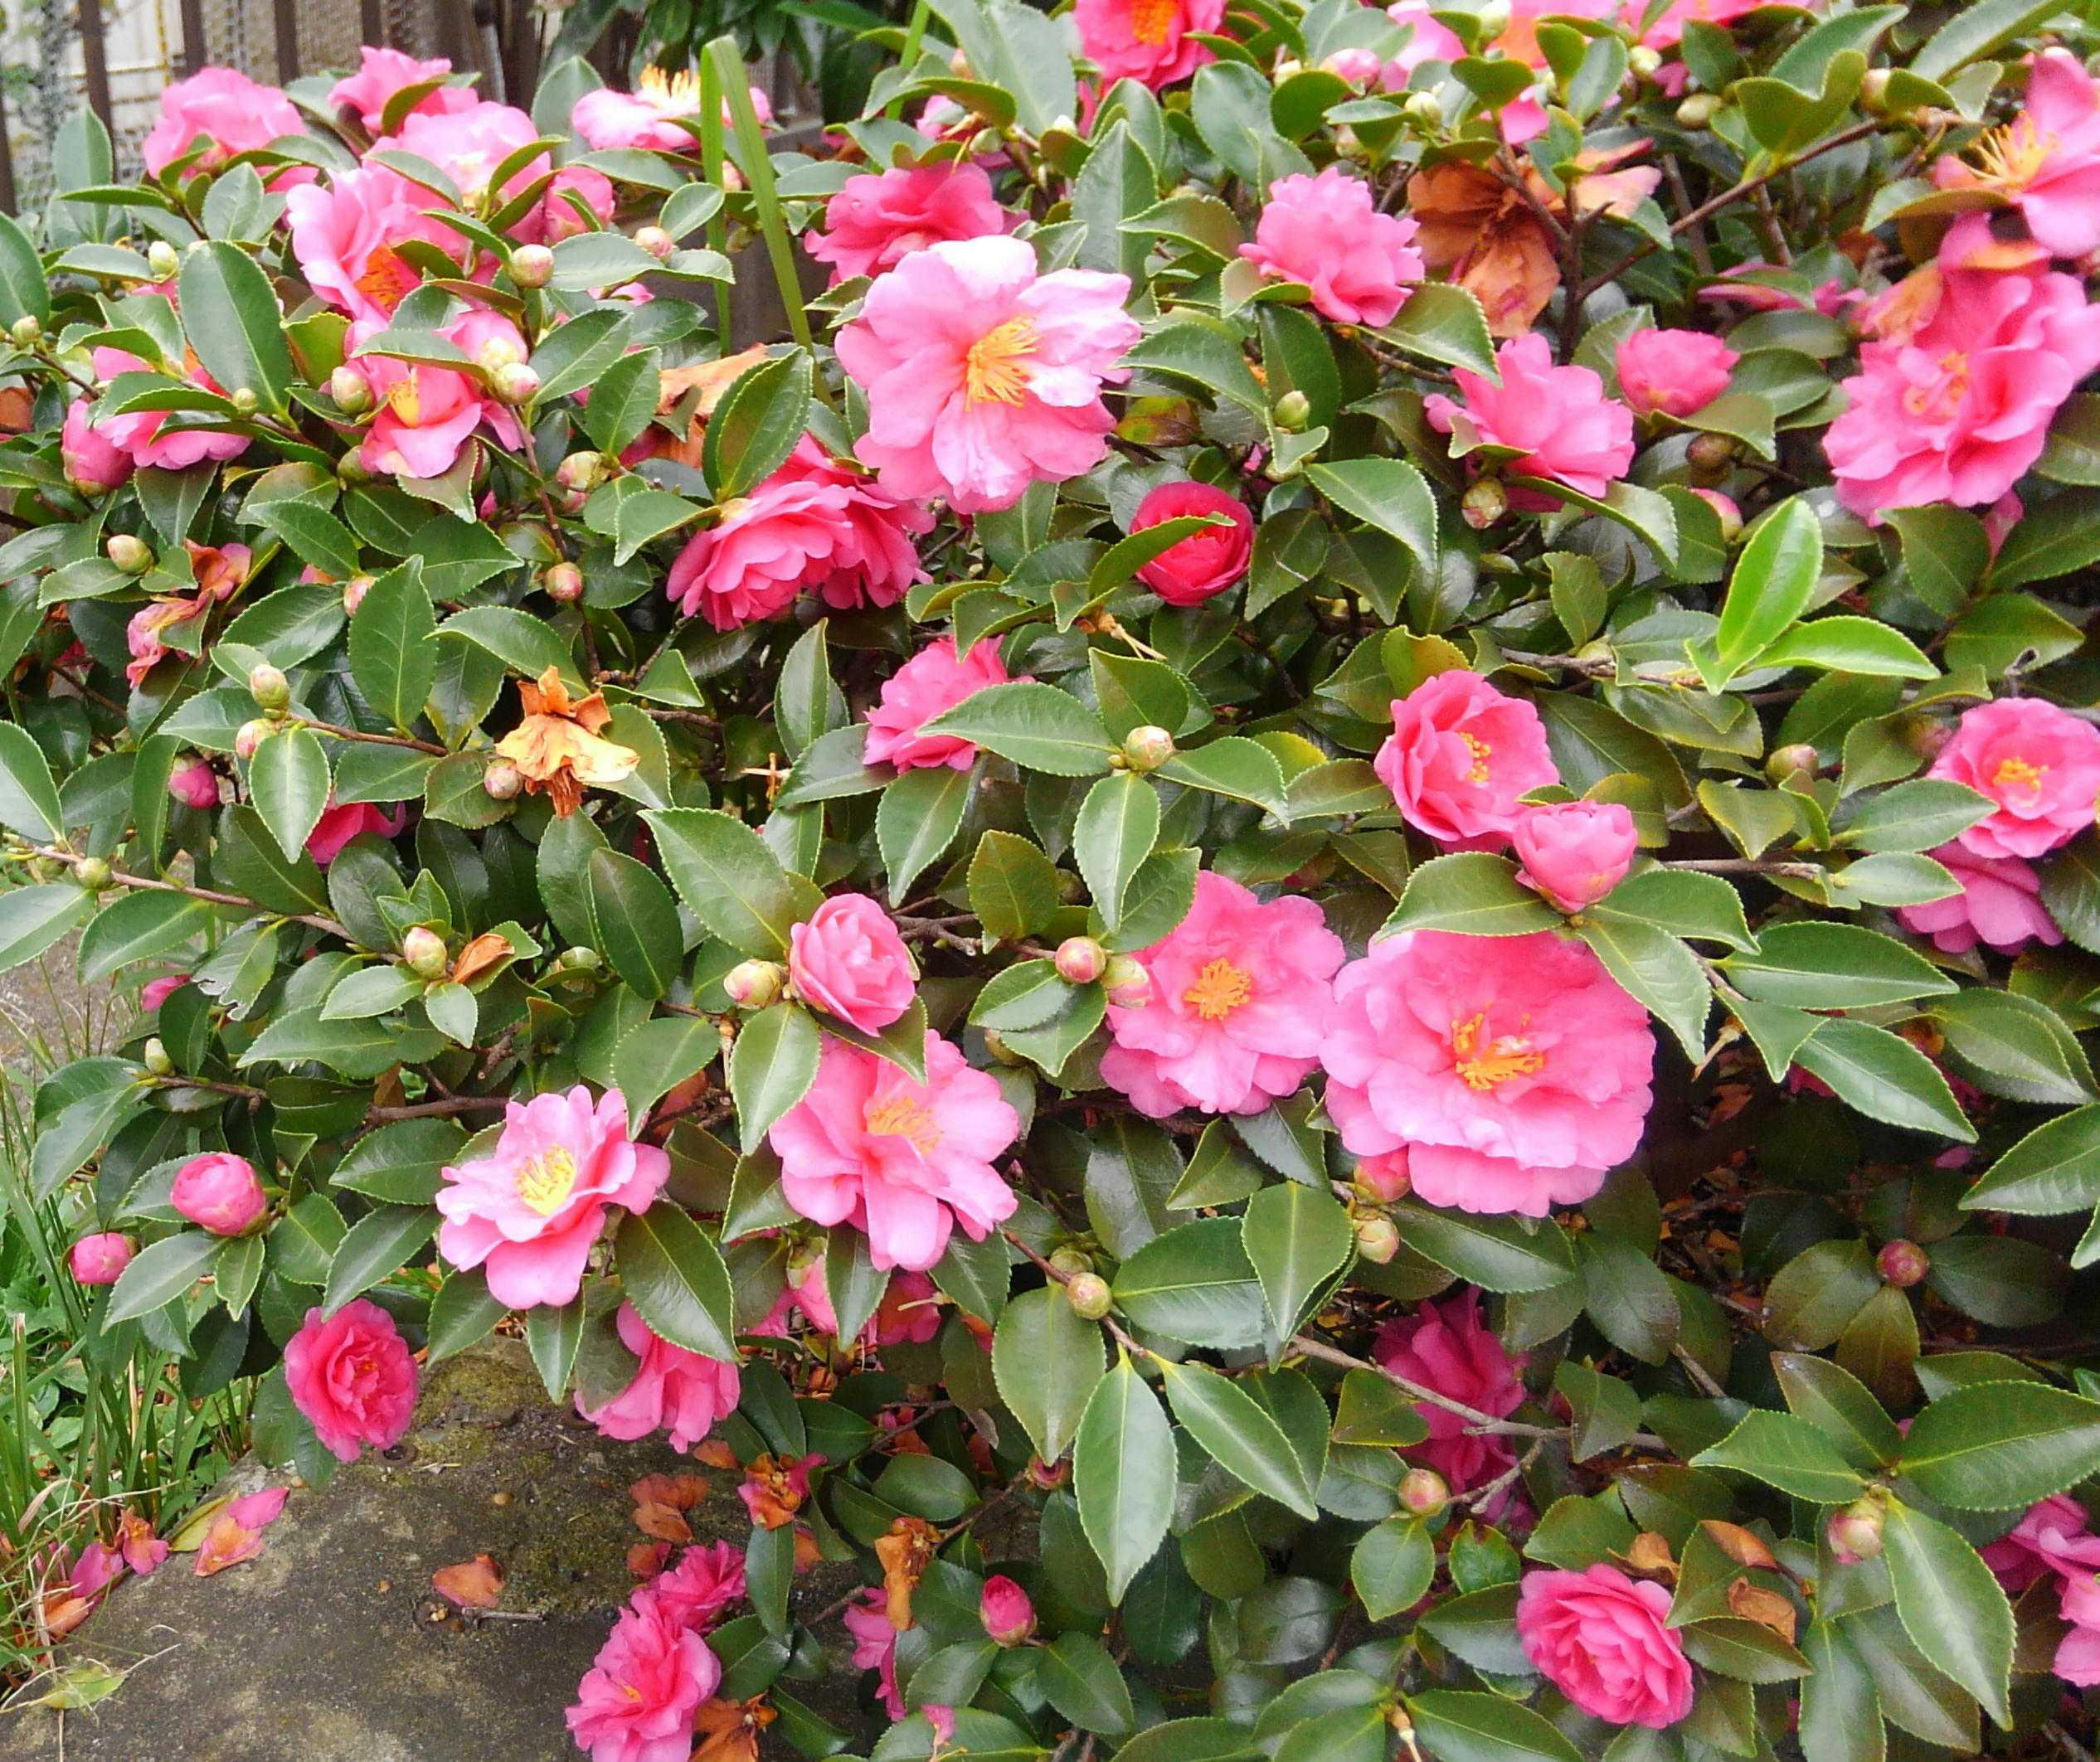 ○○山茶花の散る○○長塚節の命日に | 60ばーばの手習い帳 - 楽天ブログ